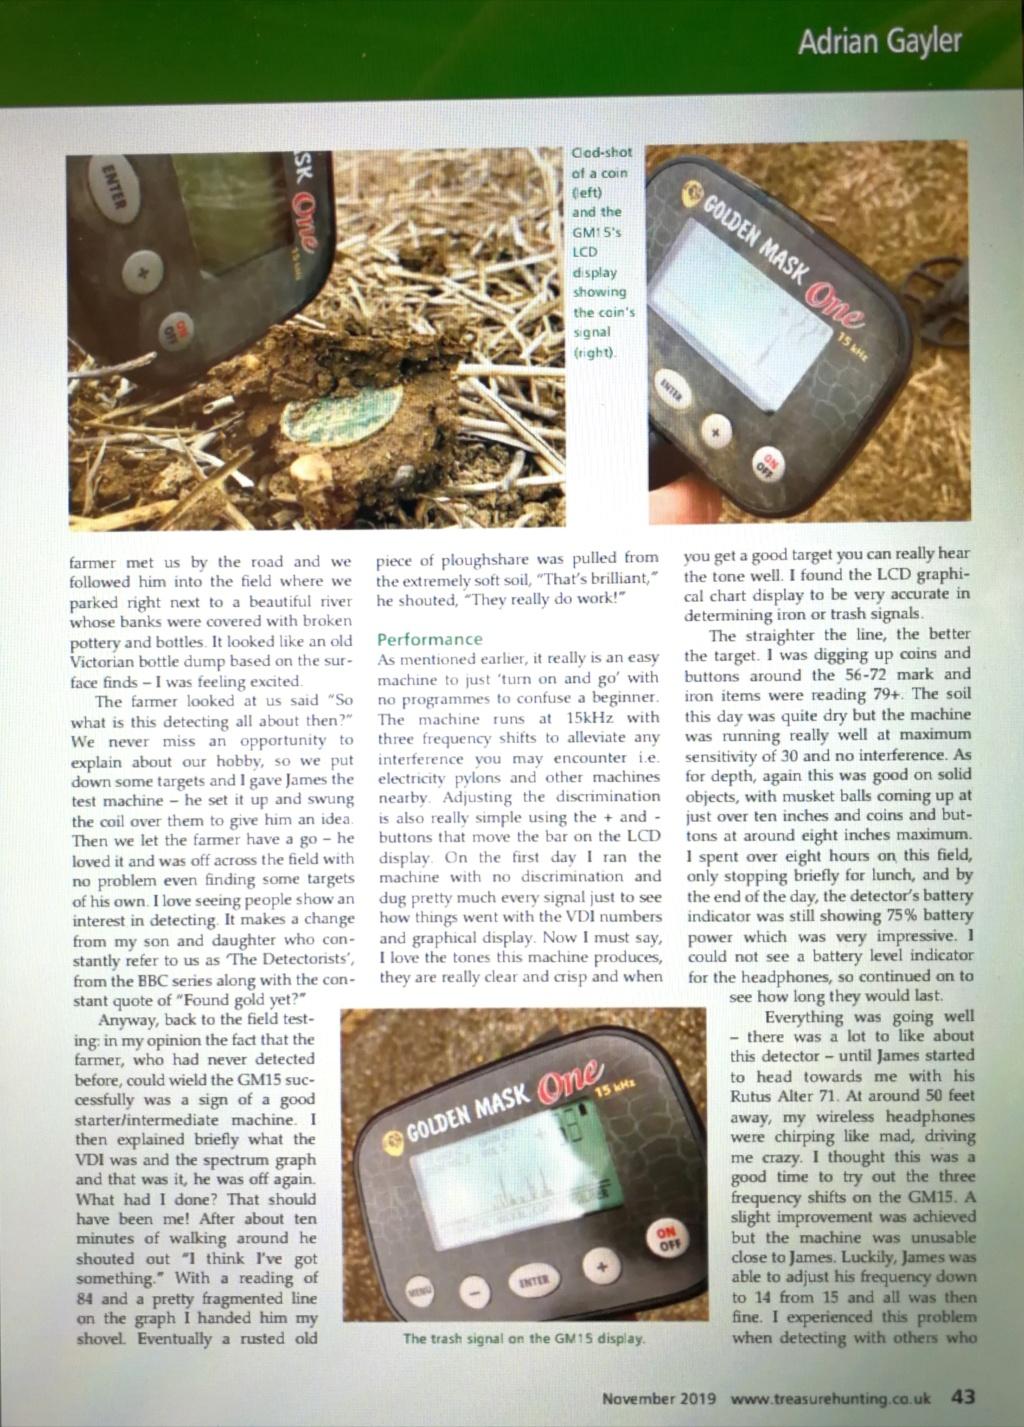 Презентация в списание #Treasure Hunting Golden Mask ONE  Img_2079